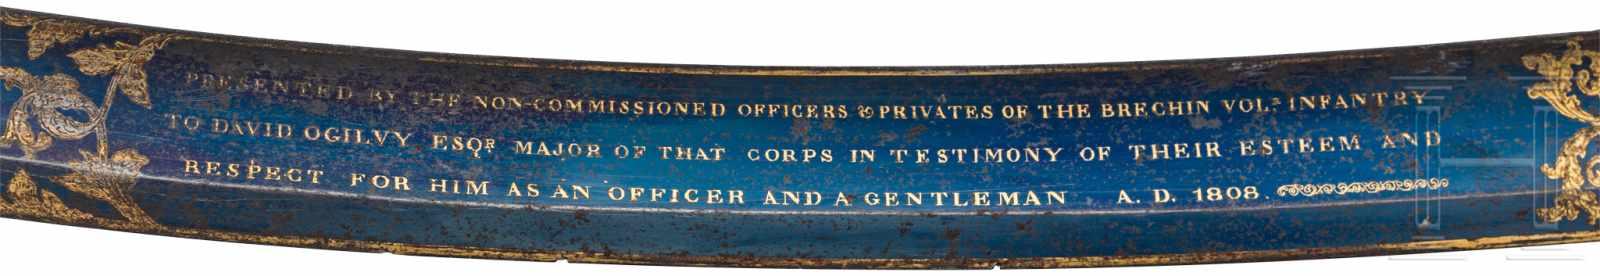 Lot 4392 - Bedeutender Prunksäbel - Geschenk des Brechin Volunteer Infantry Corps an Major David Ogilvy,